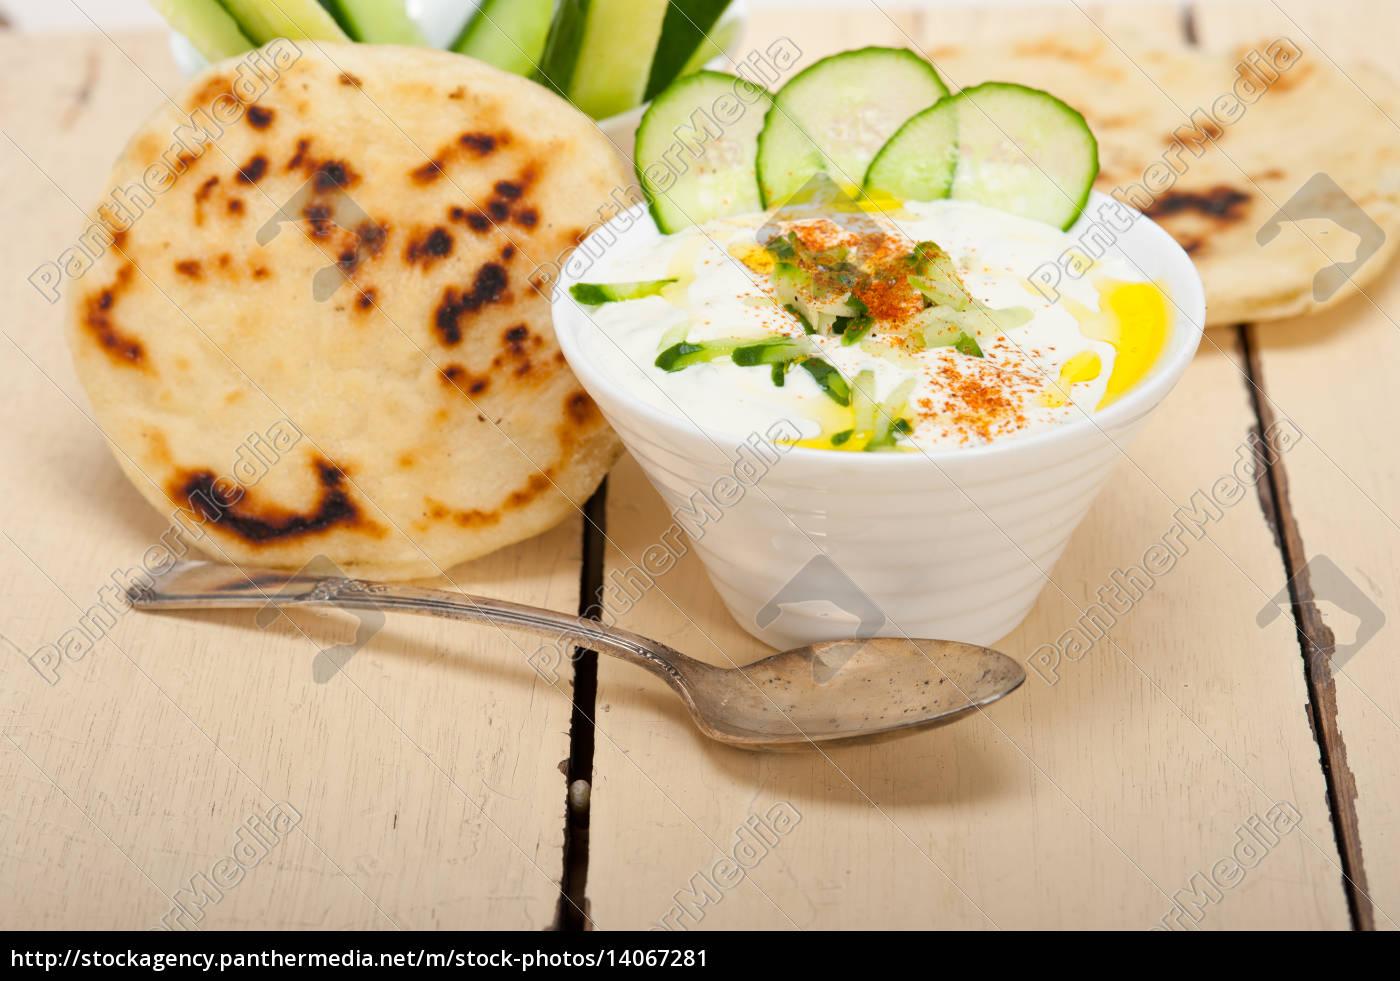 arab, middle, east, goat, yogurt, and - 14067281